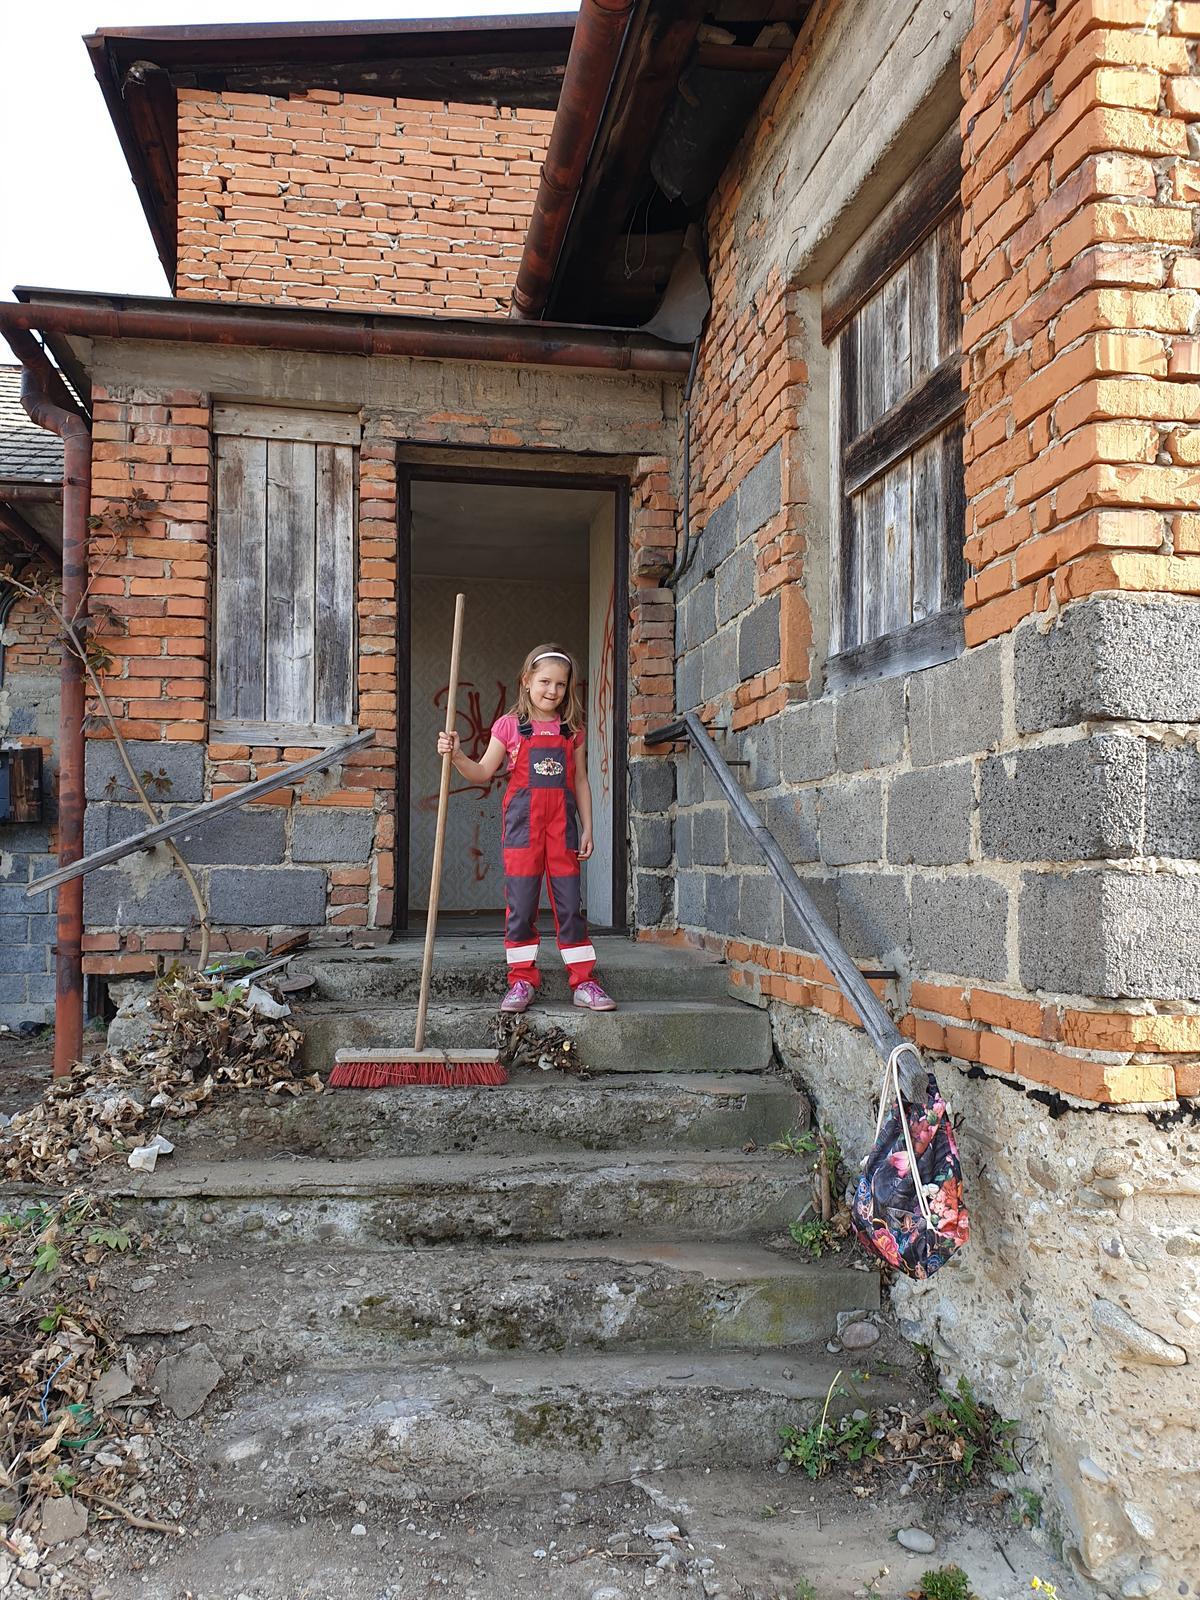 Rekonštrukcia domu-alebo chceme si splniť sen =》🏠🌻🌼🐶  mat domcek a vratit sa na Slovensko - Obrázok č. 74